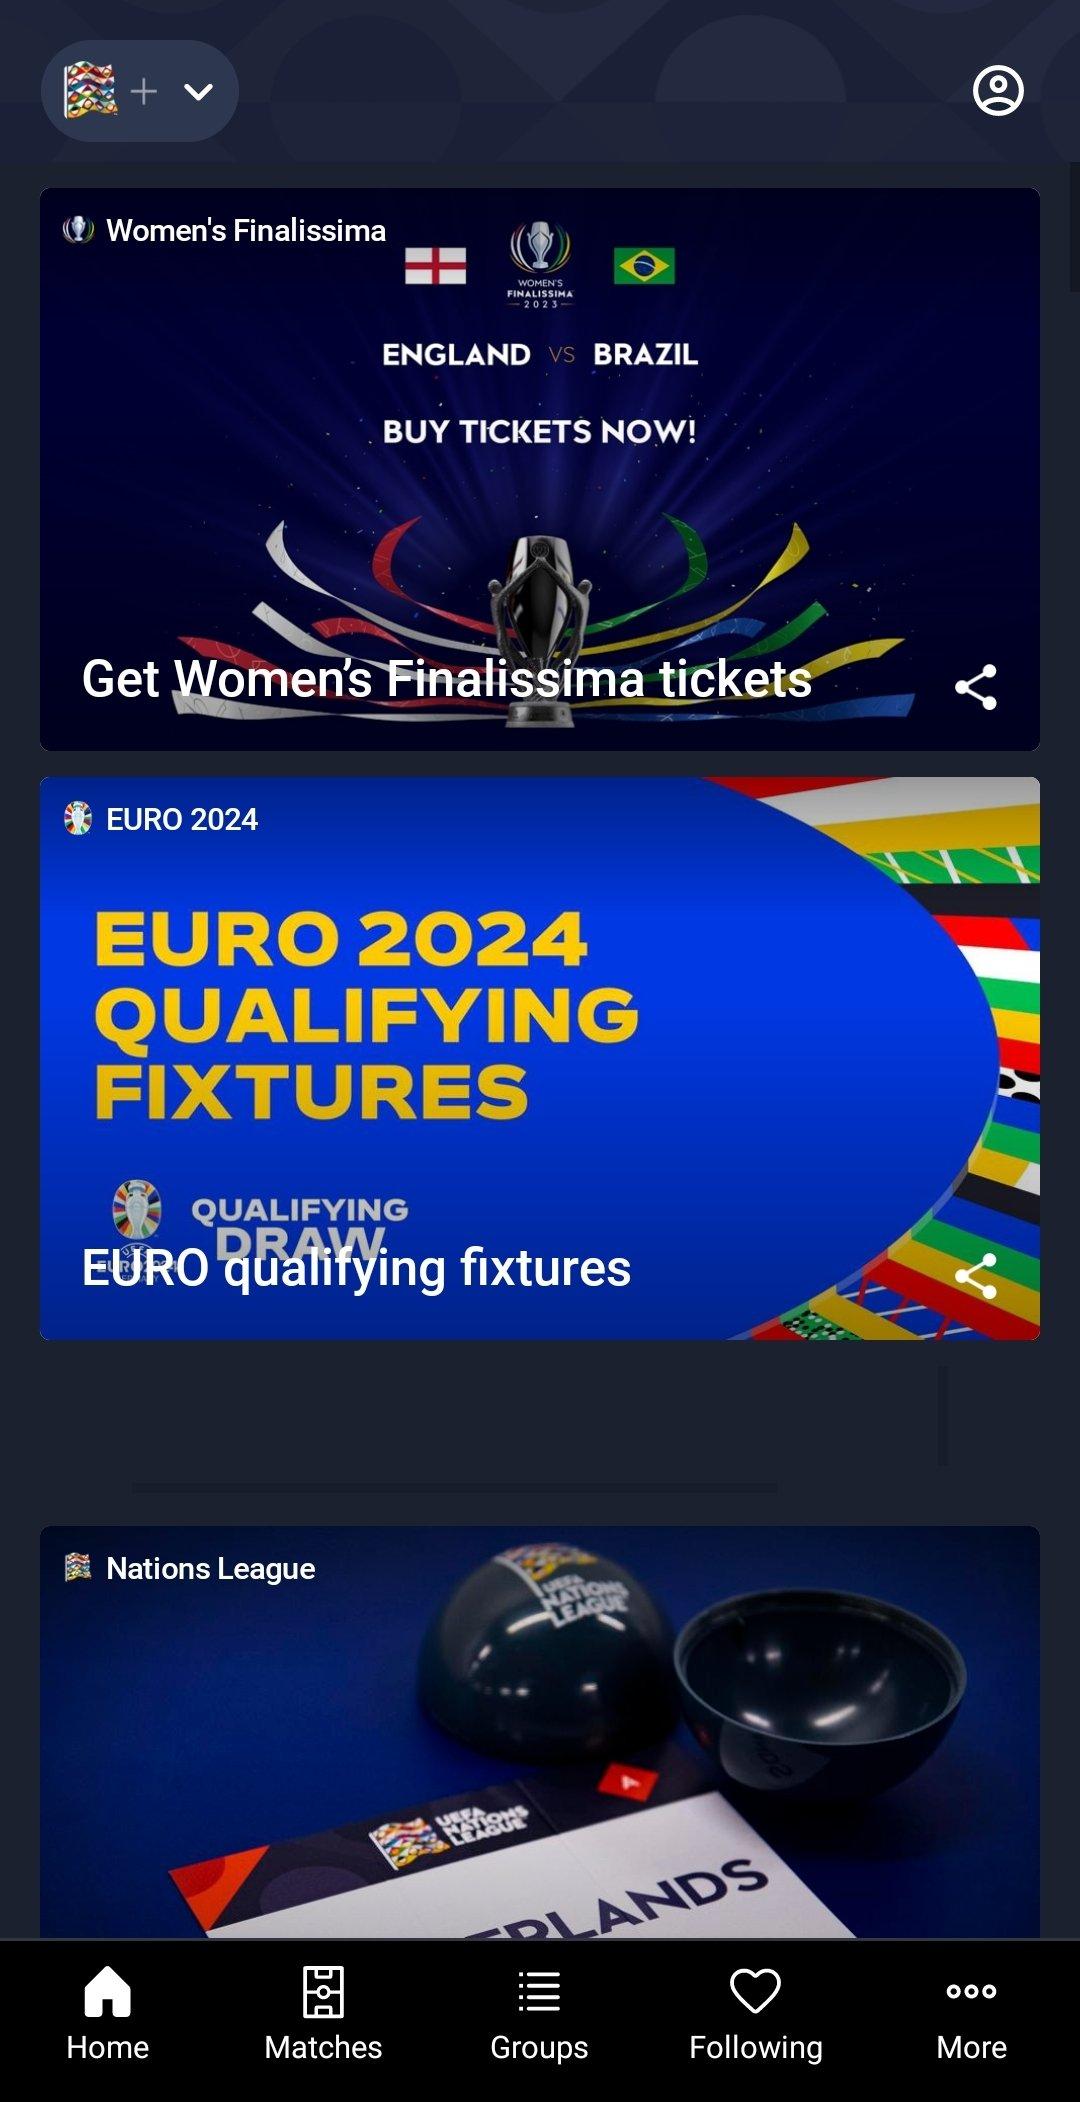 UEFA EURO 2016 Android image 7